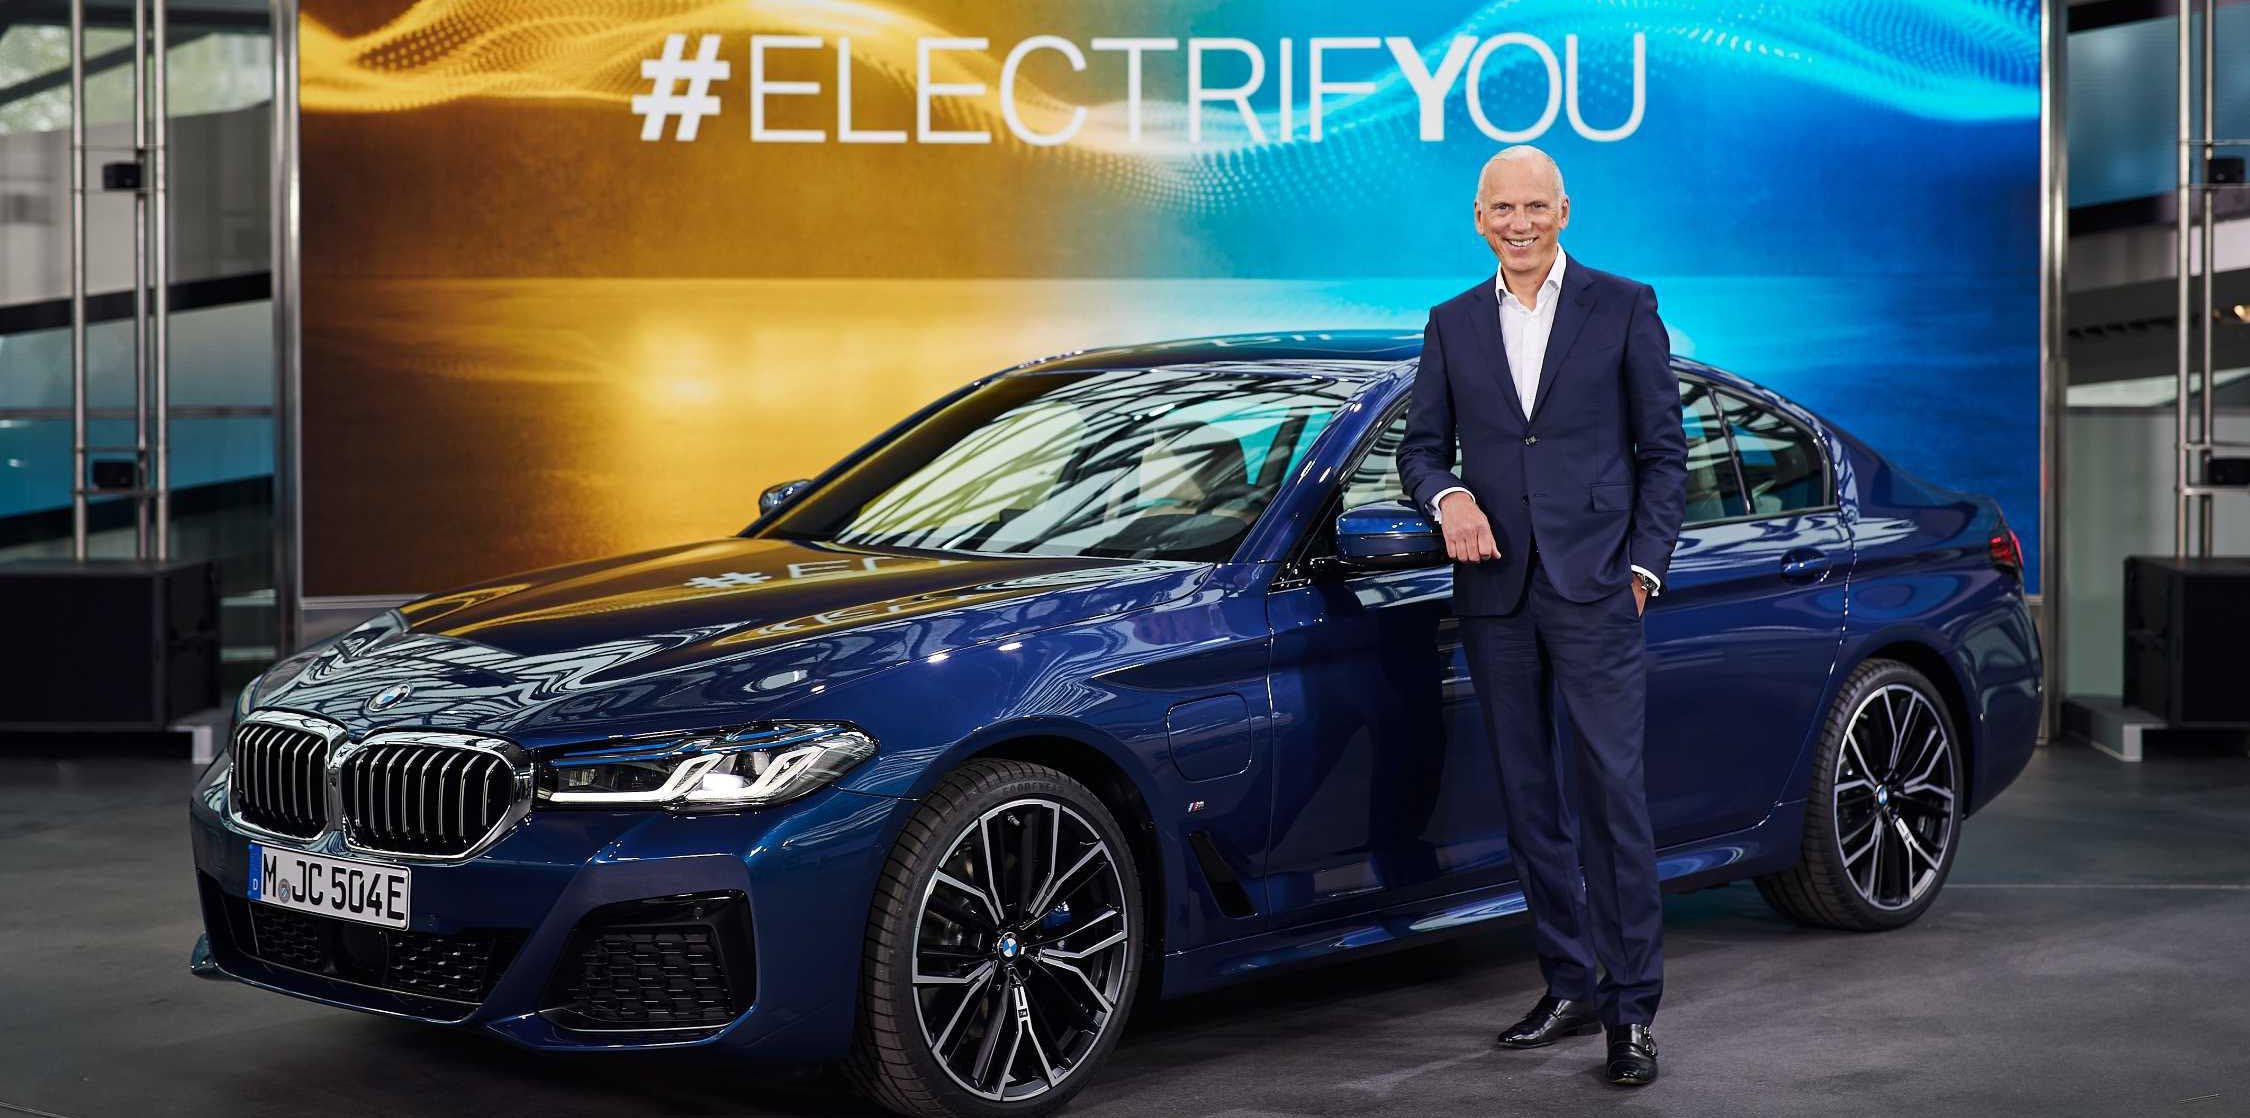 BMW подготвува plug-in хибрид со 100 км досег само на електрична енергија